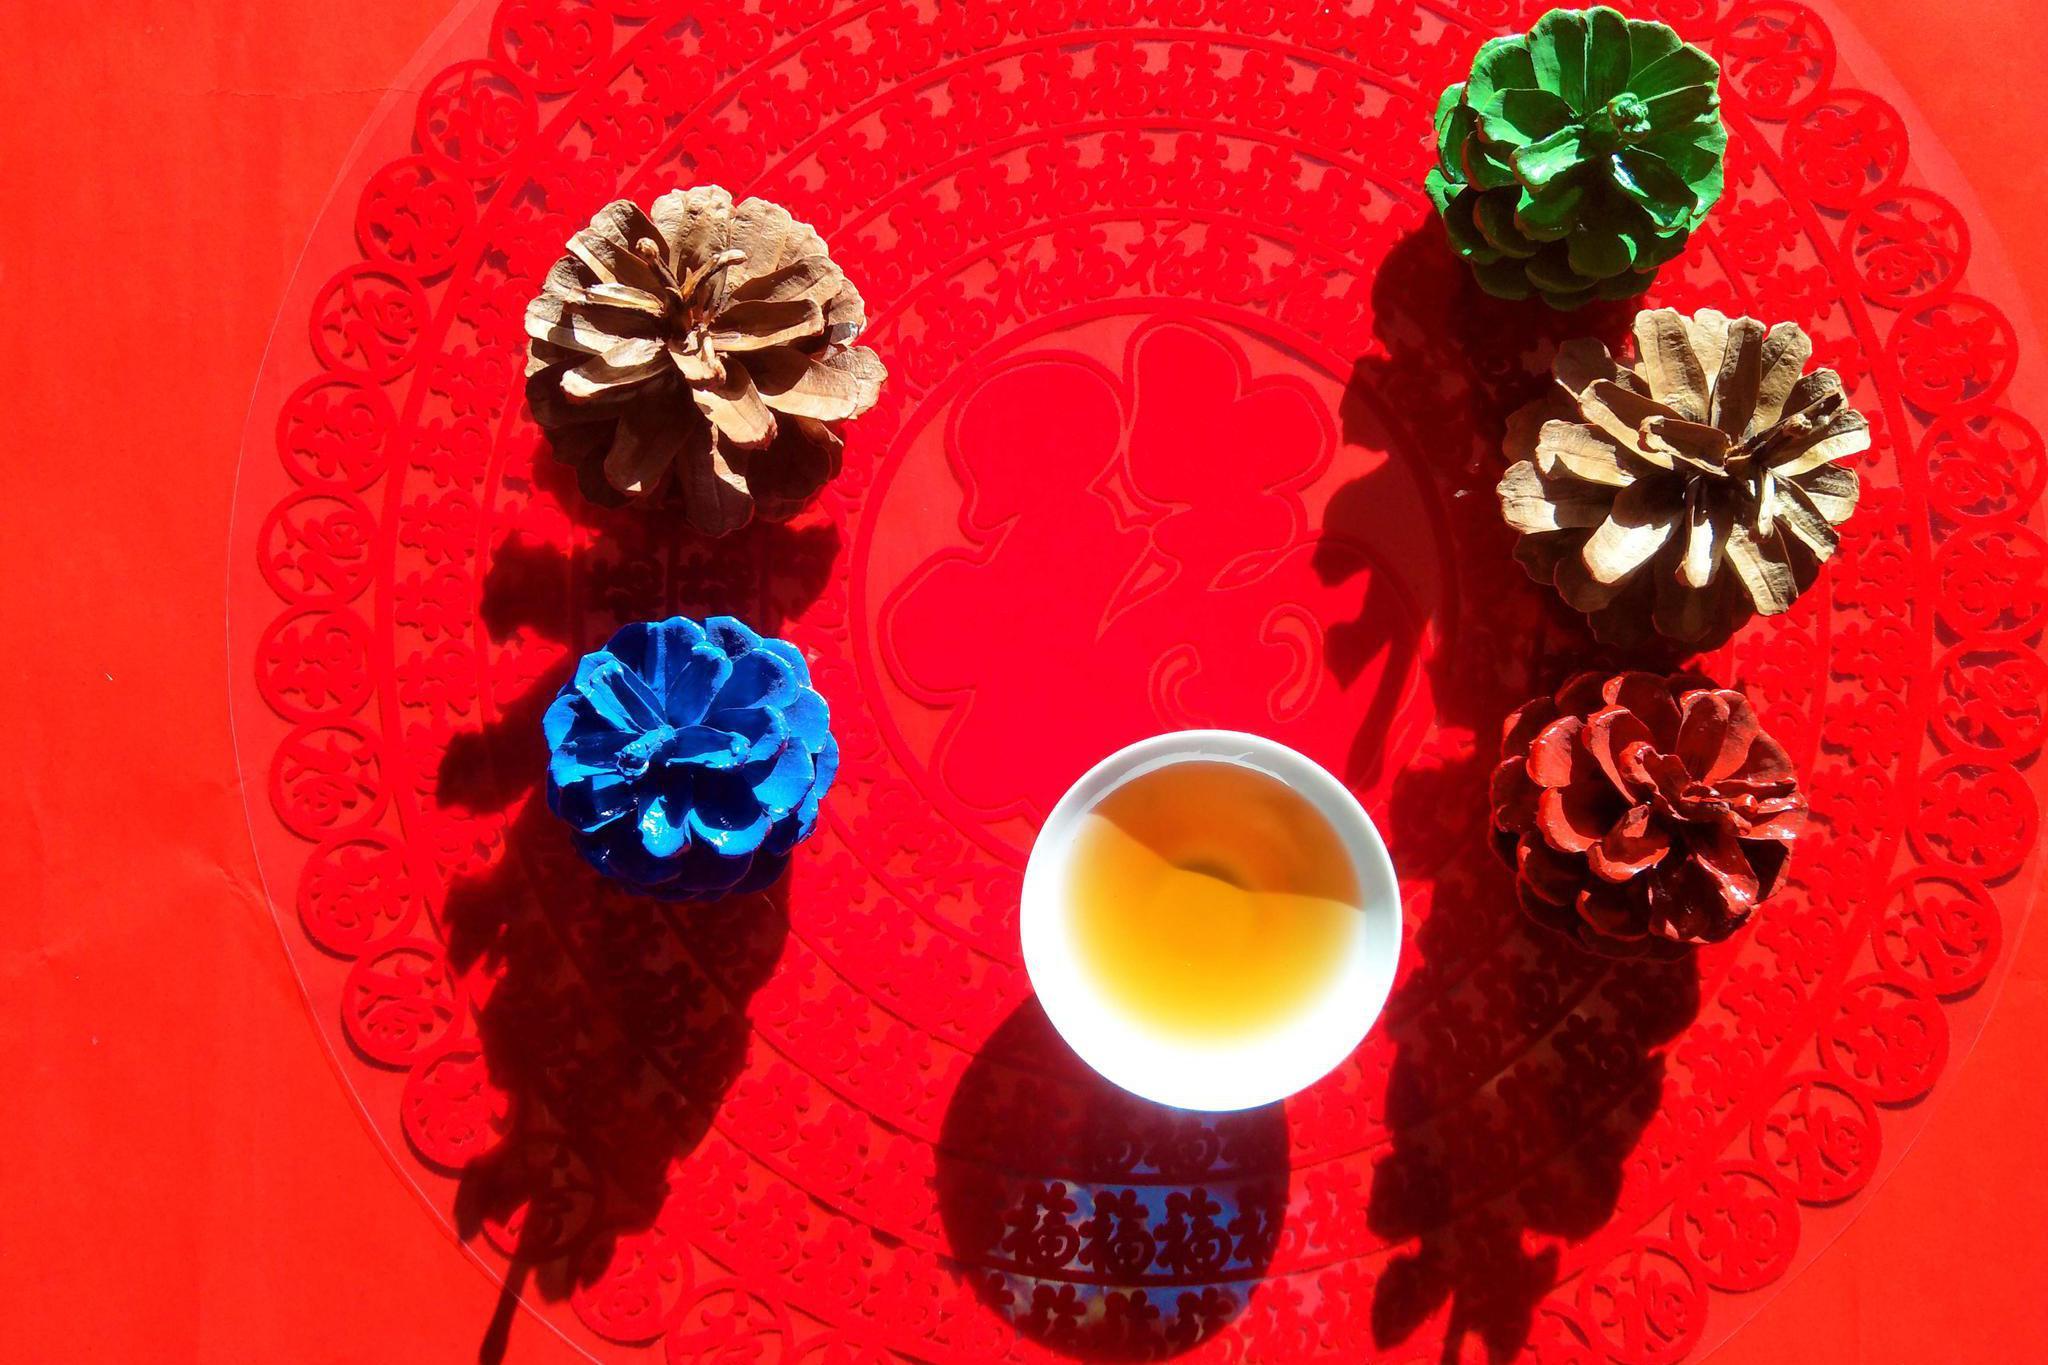 茶与松塔,原创拍摄